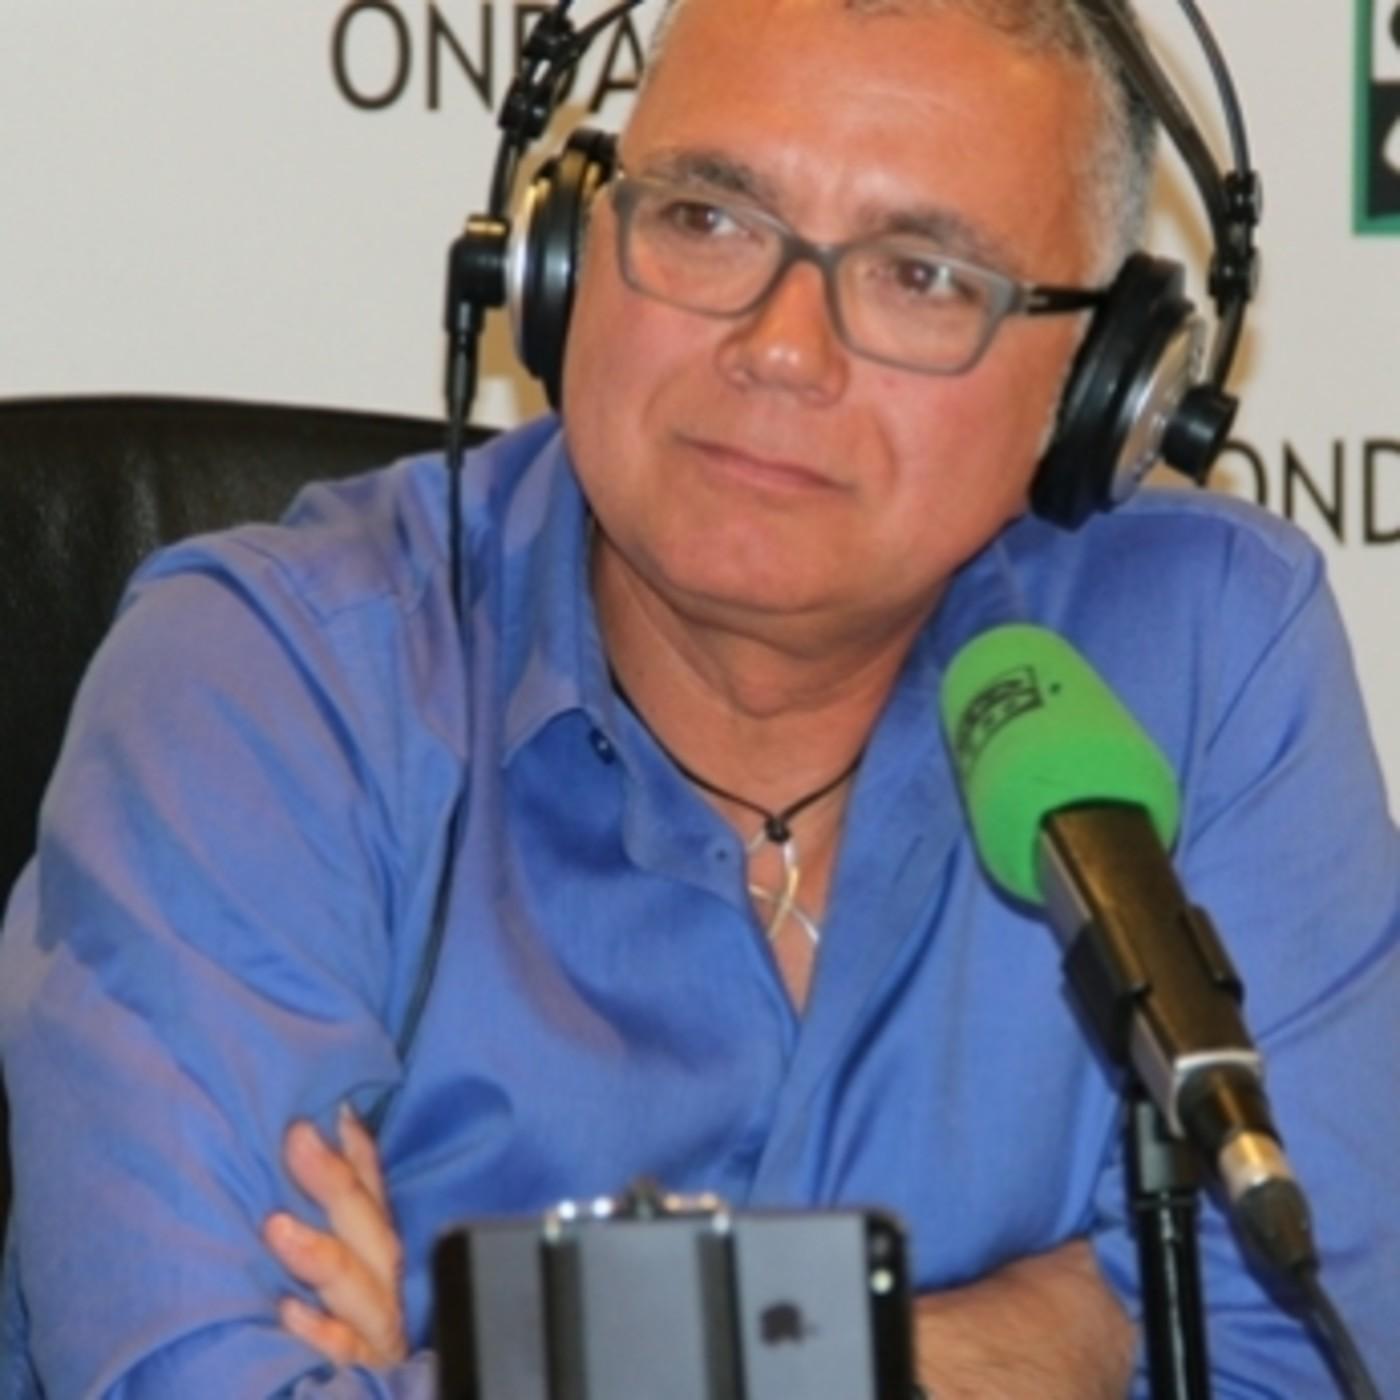 Lucas Moura De Que Pais Es: Juan Ramón Lucas. España. La Radio Frente A La